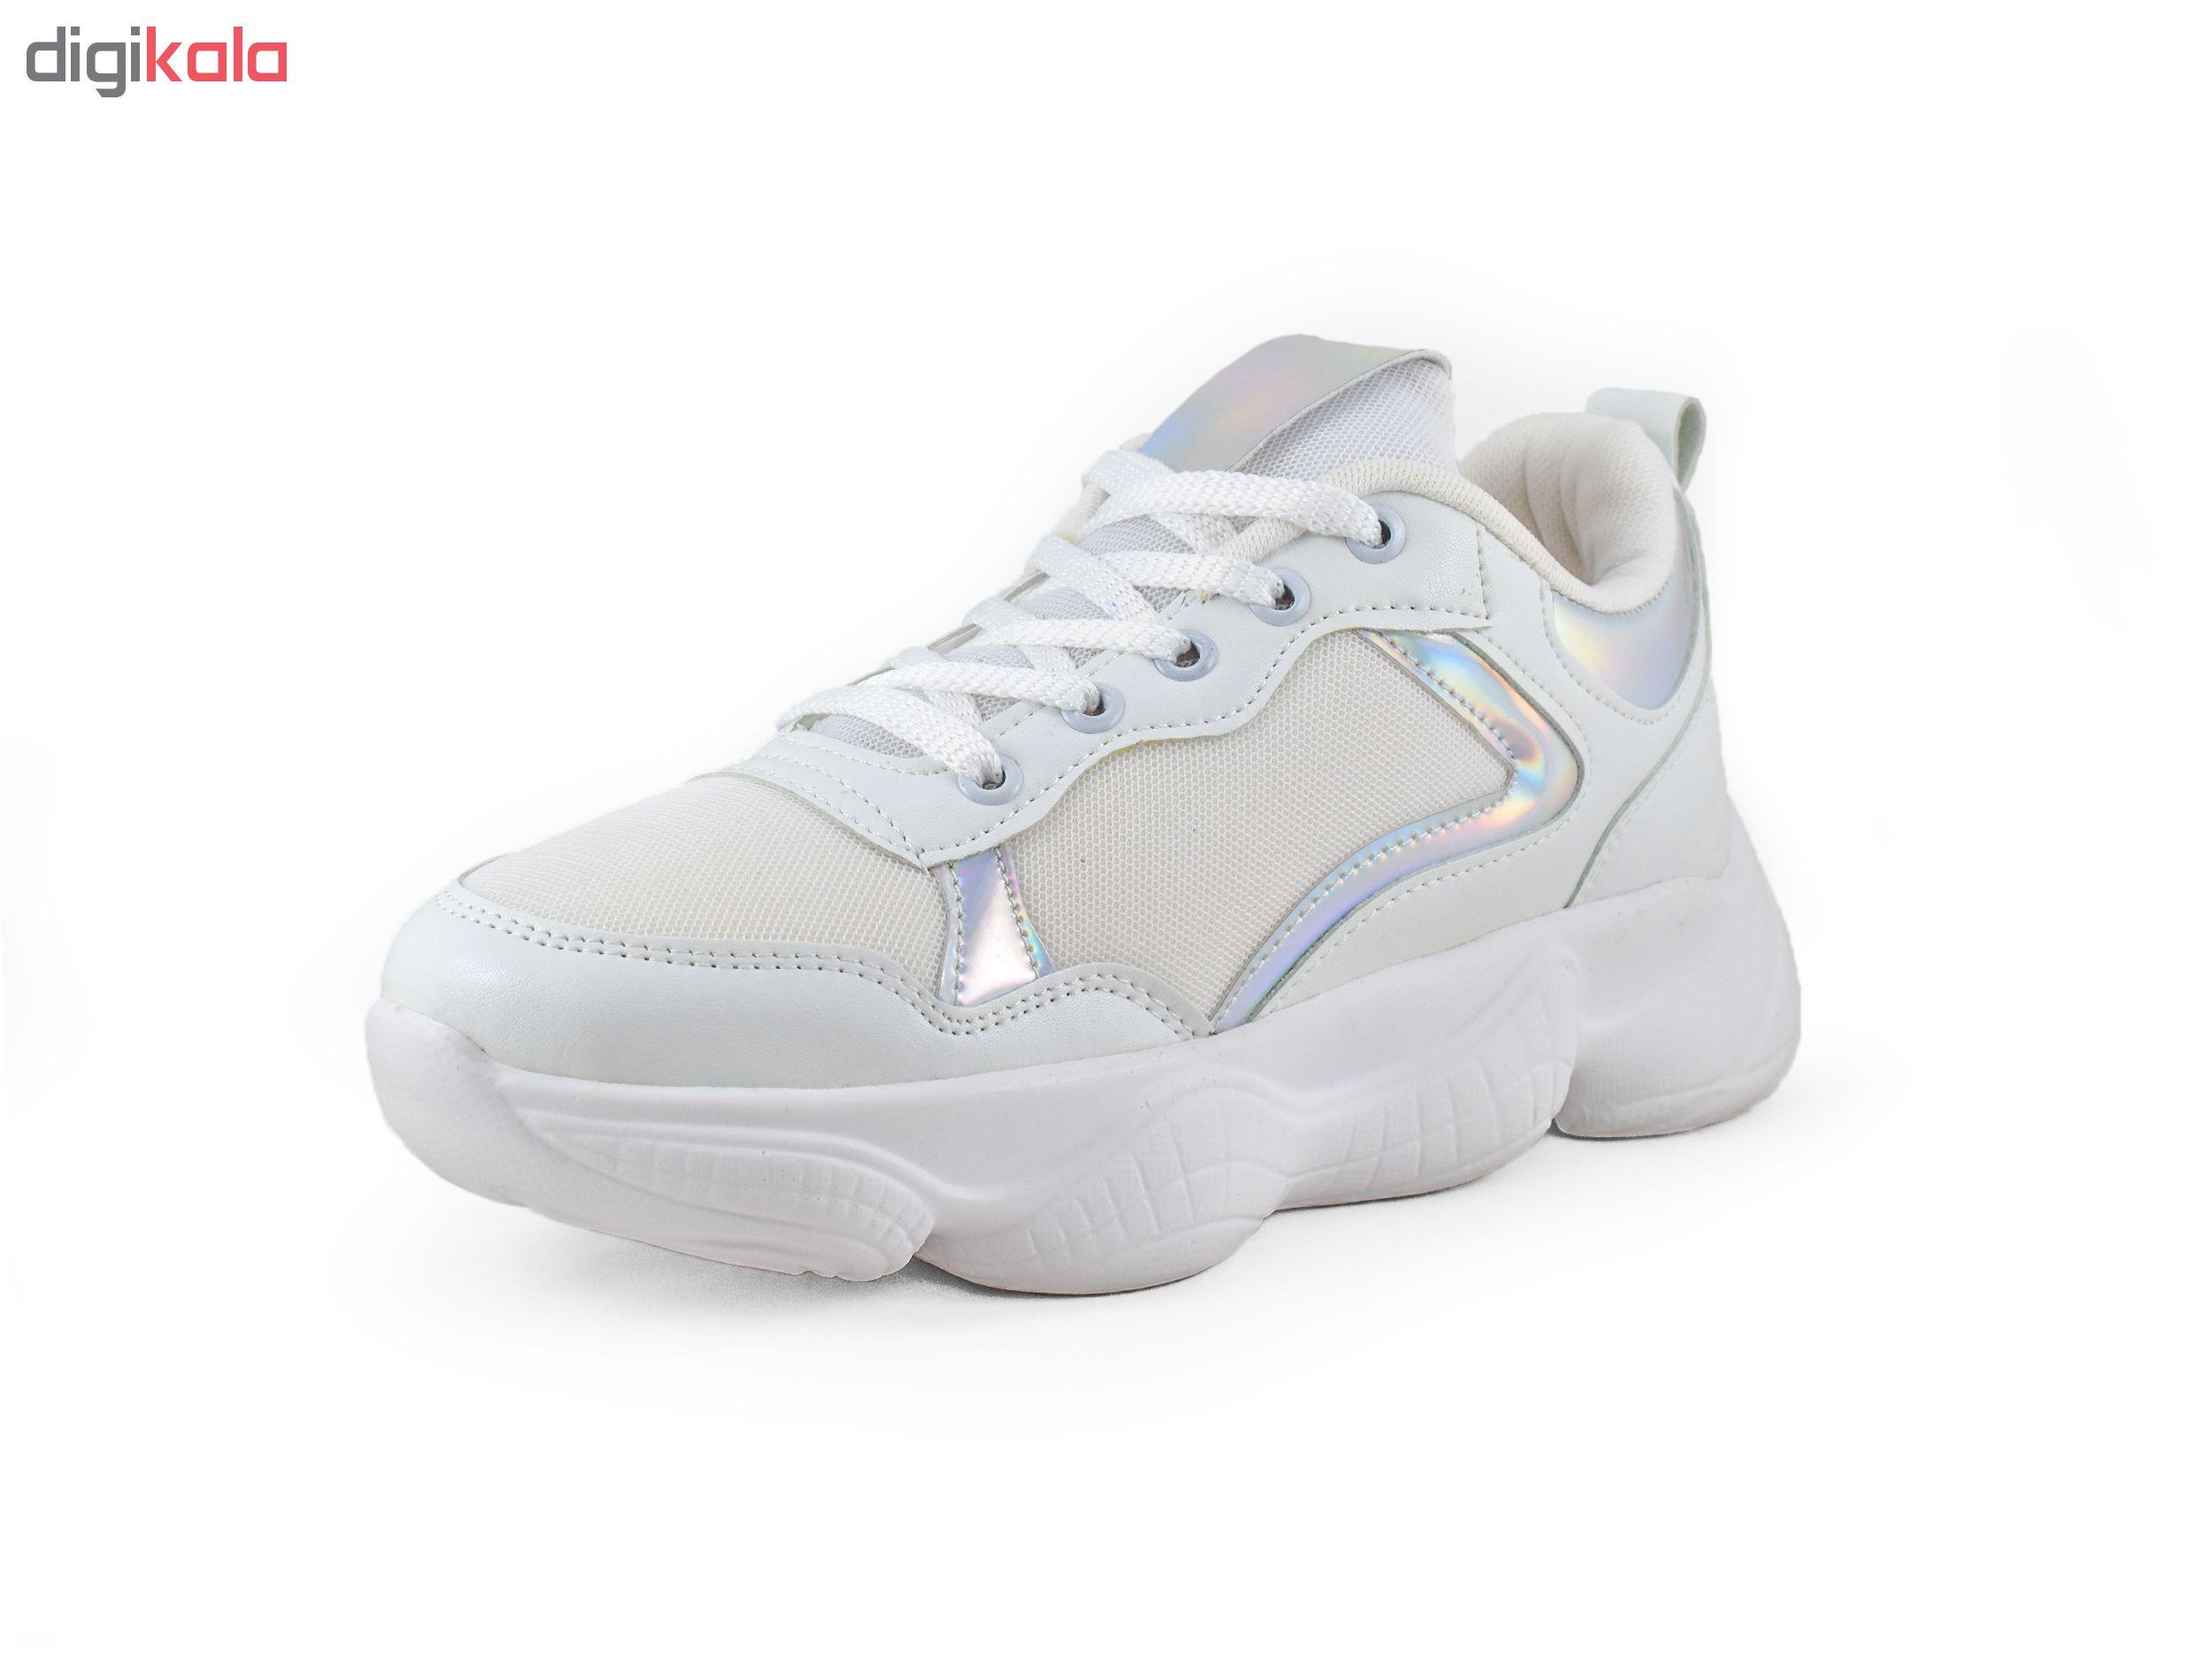 کفش مخصوص پیاده روی زنانه  کد 4127